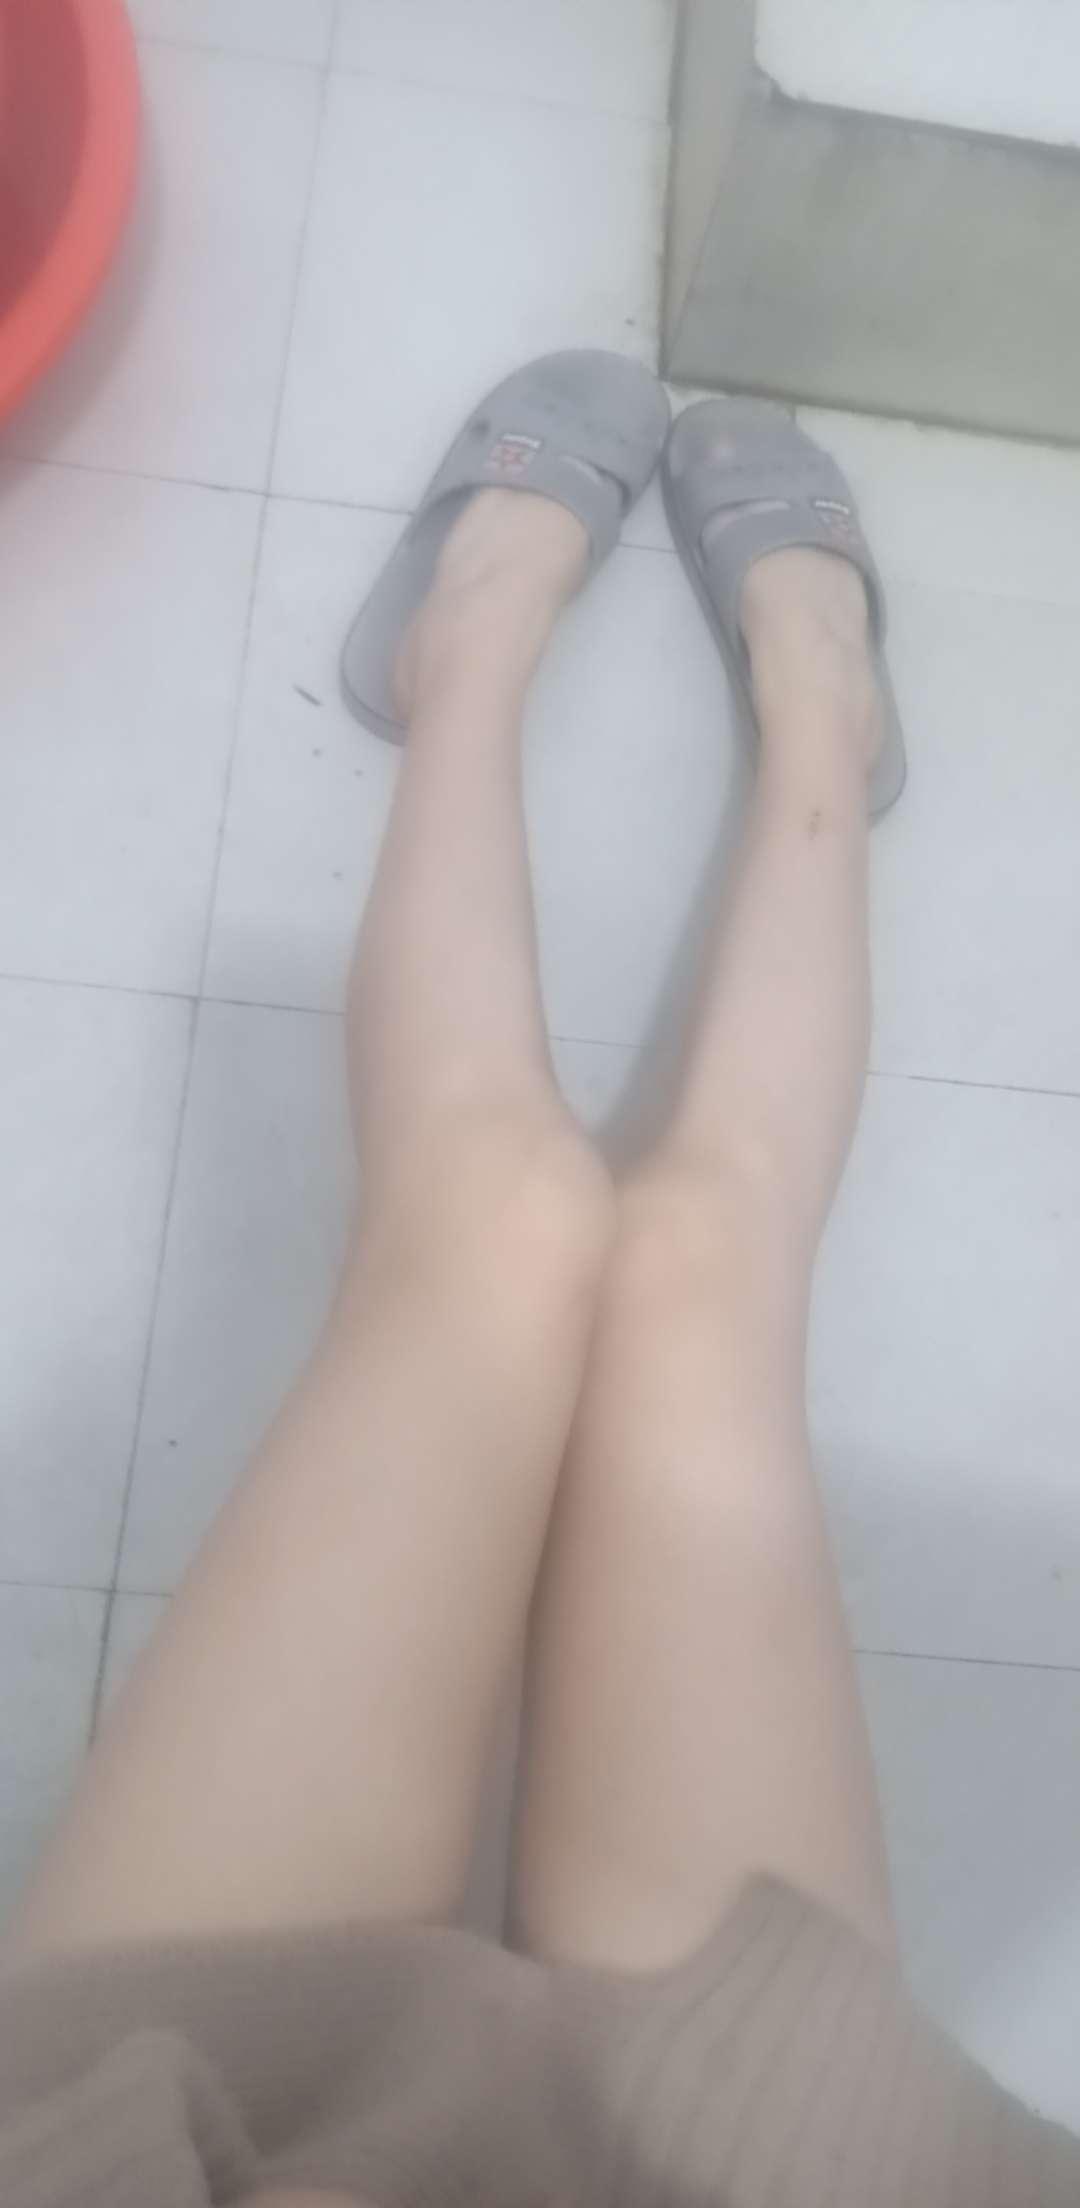 【美腿】这腿应该没人能招架的住吧